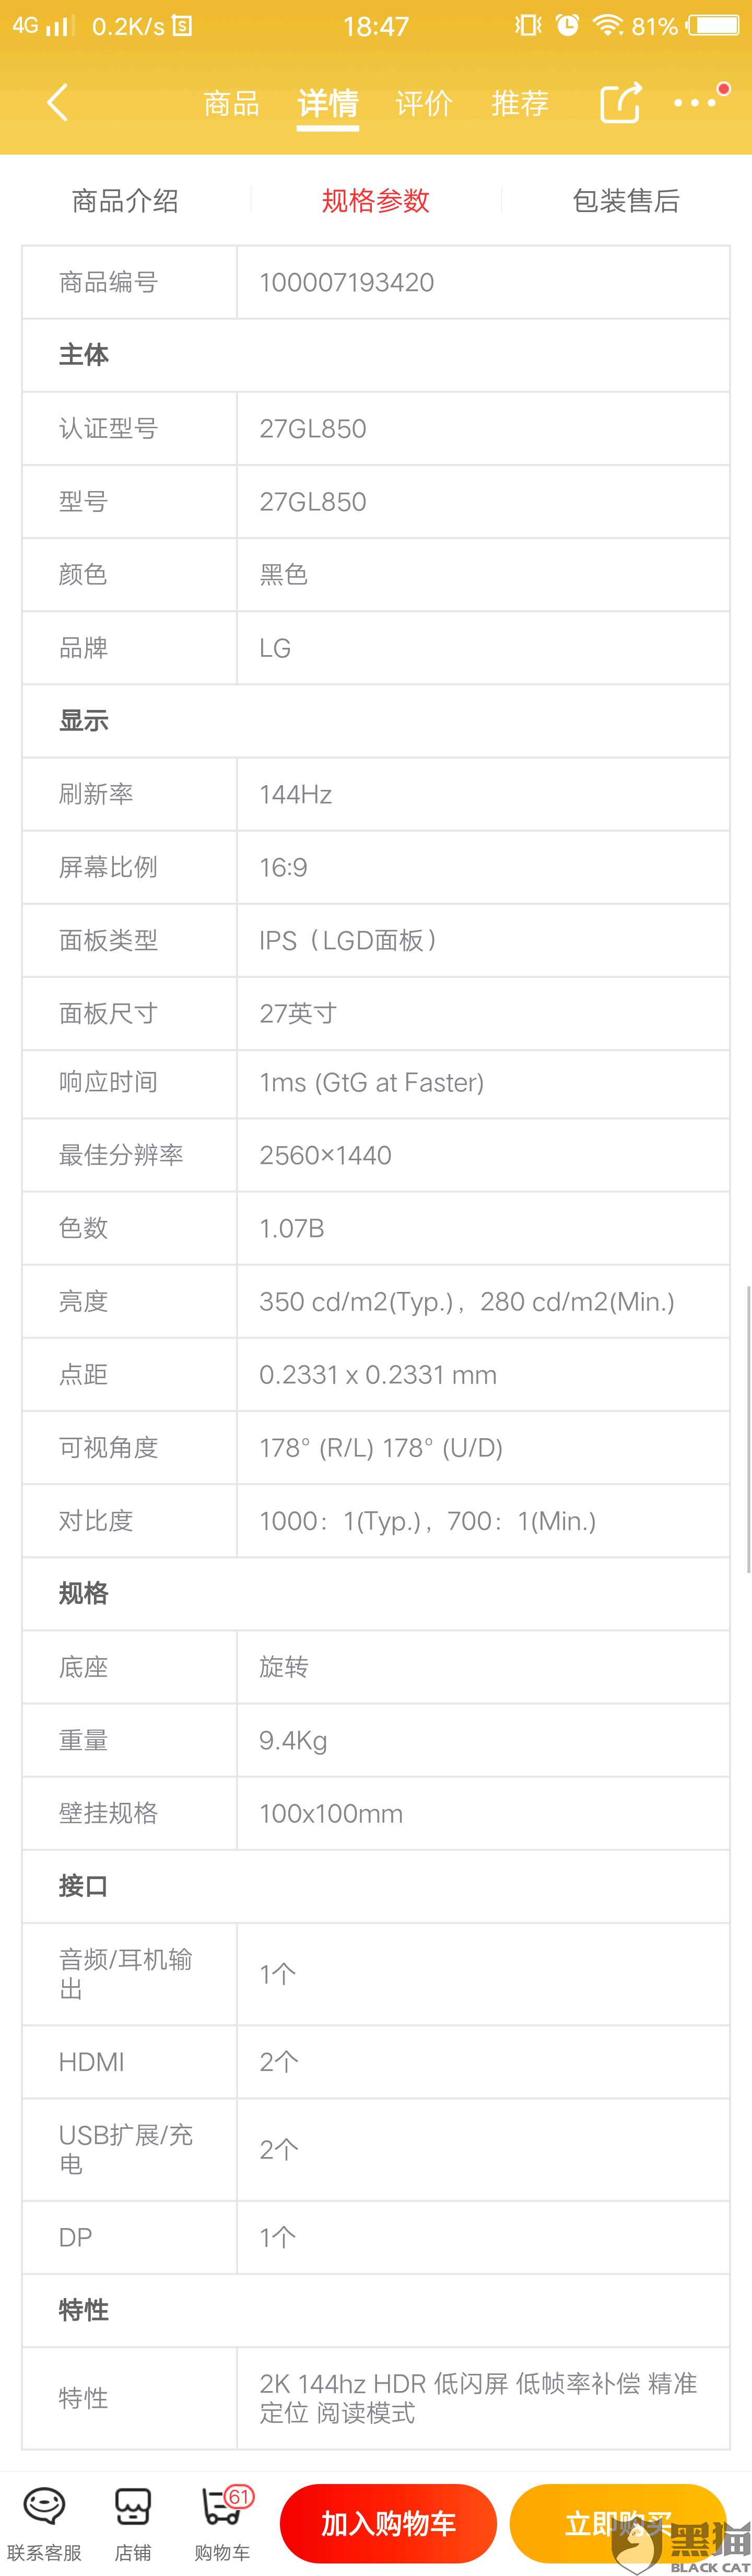 黑猫投诉:京东自营LG显示器一个商品两个编号,价格不一样